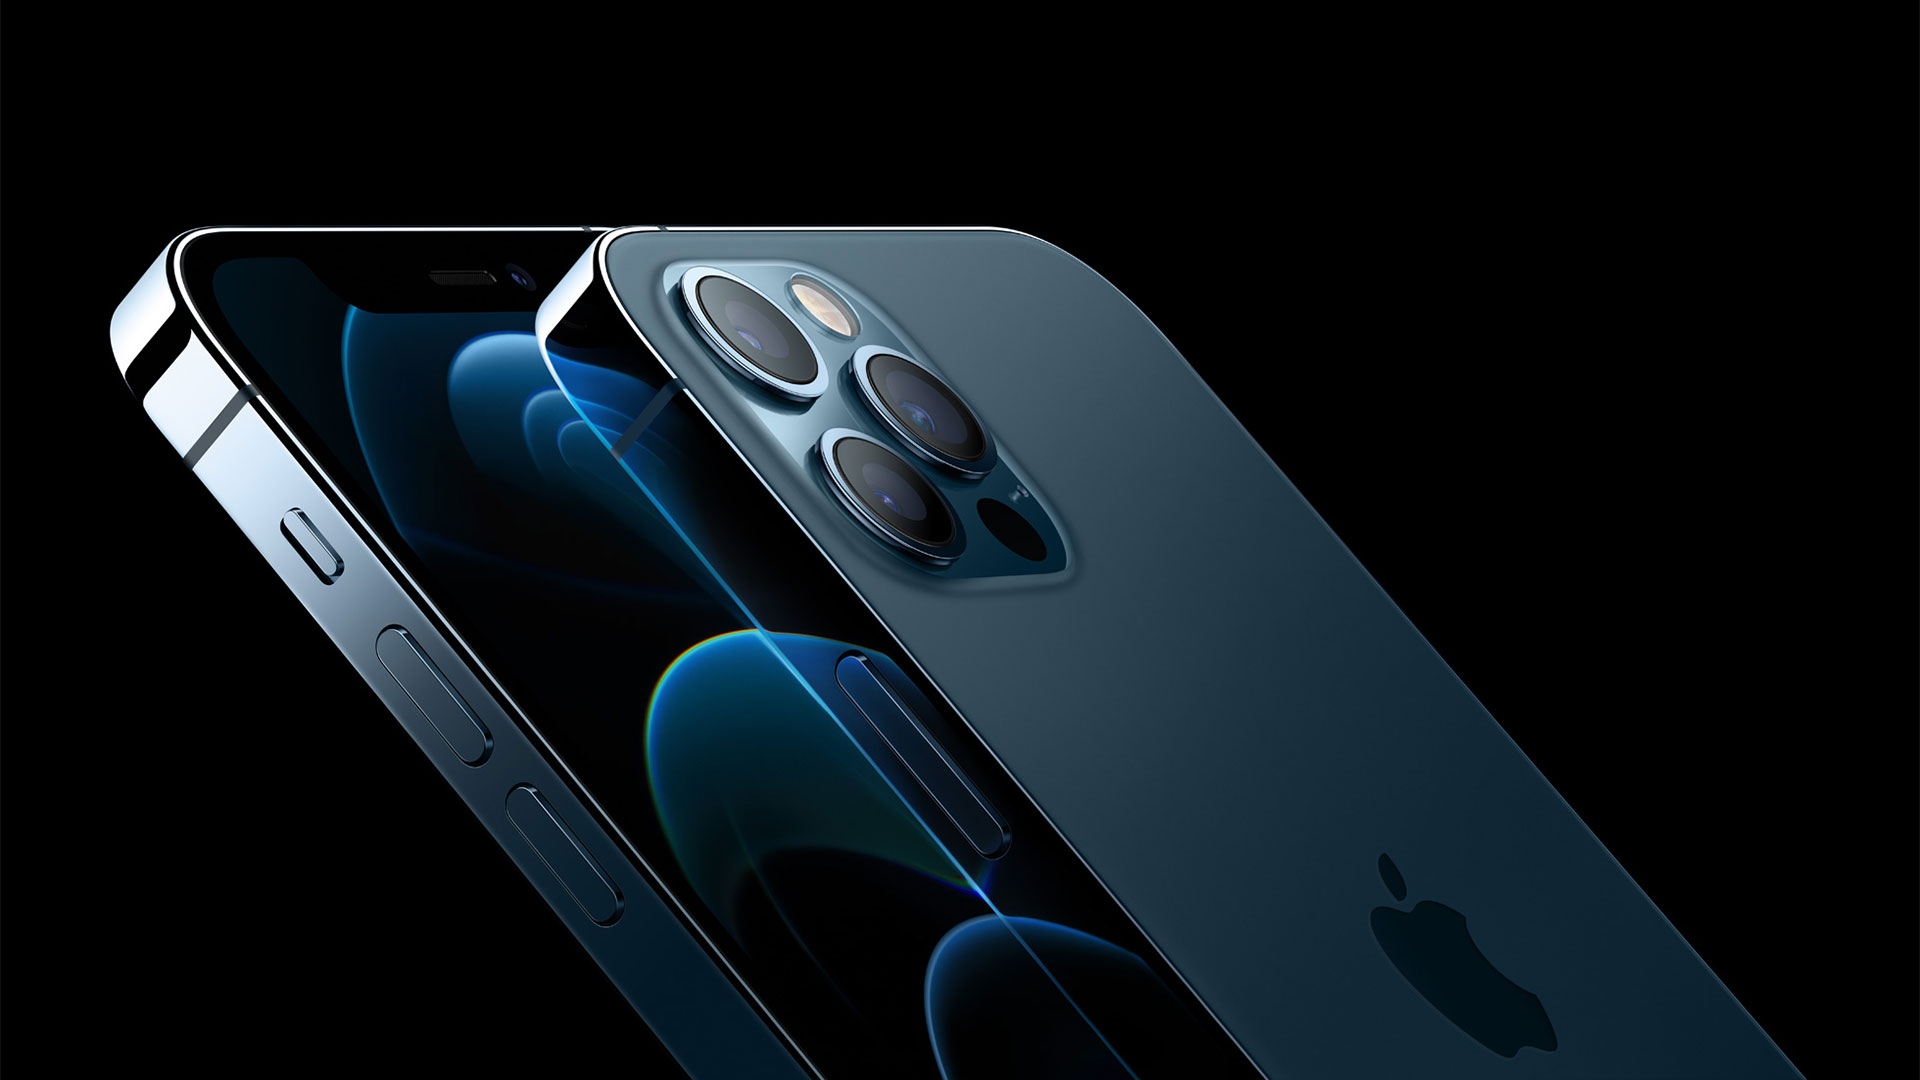 صورة عملية تفكيك iPhone 12 تؤكد على مودم Snapdragon X55 5G في تكوينات الهاتف